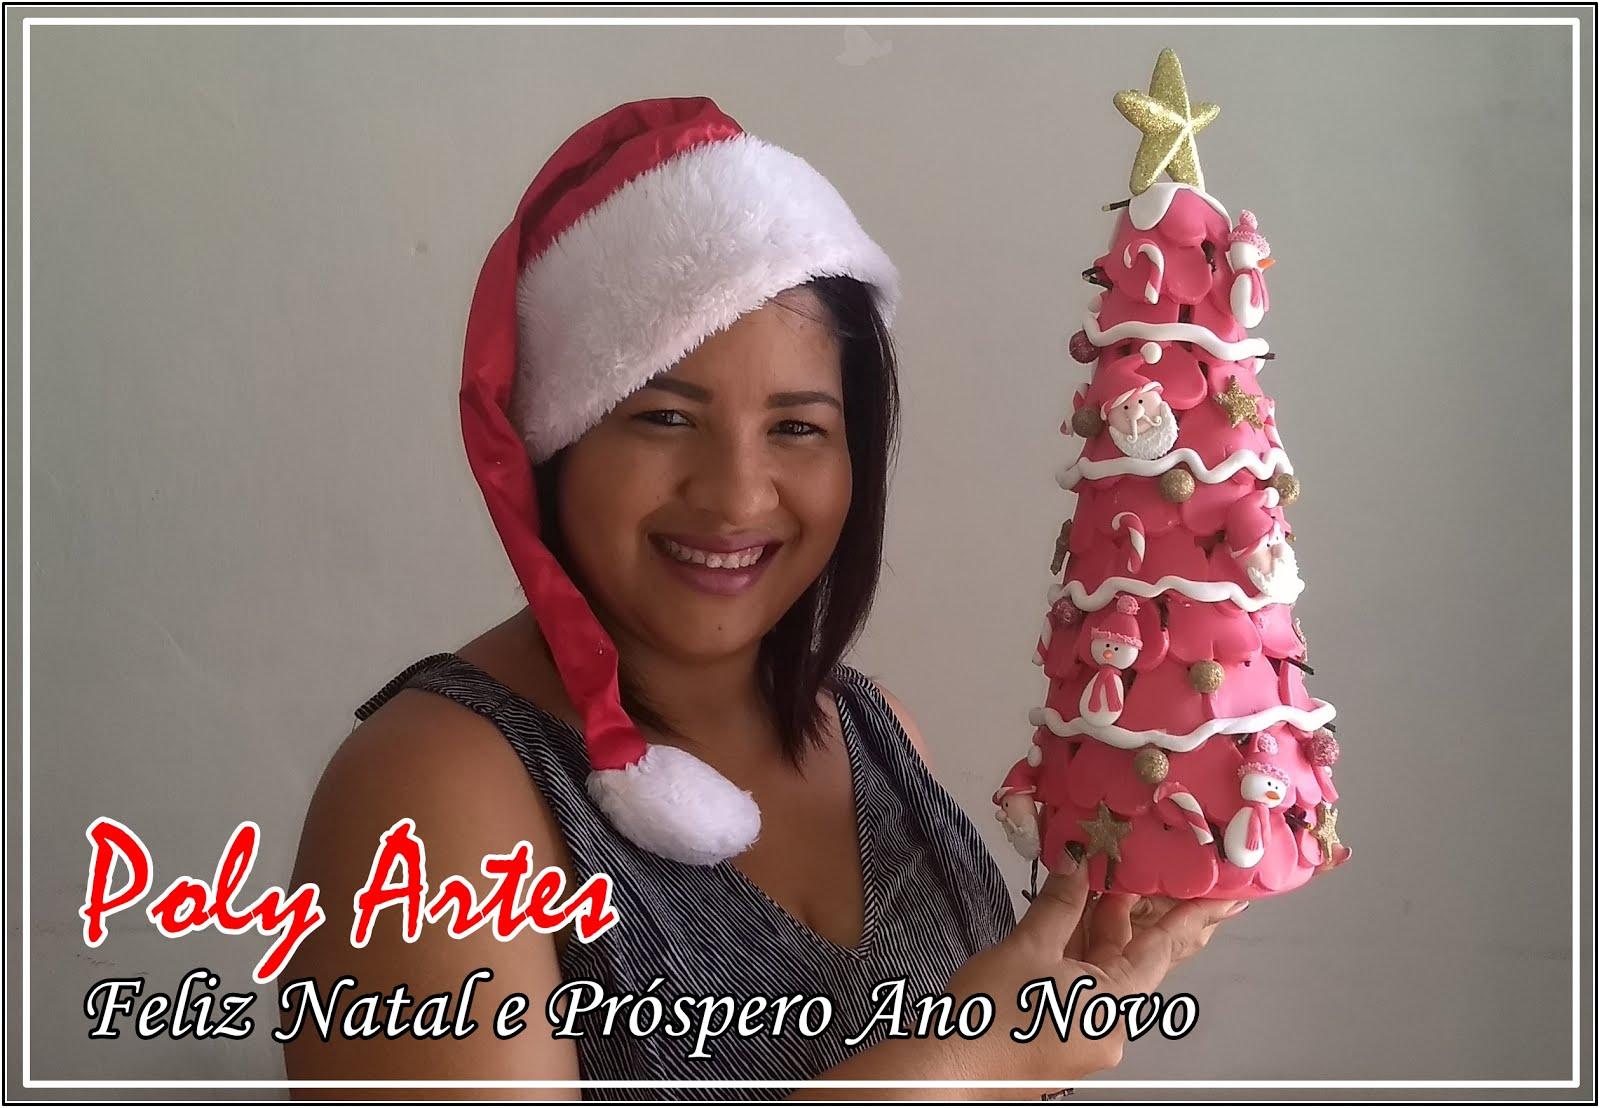 Poly Artes - Encomendas (73) 98887-9771